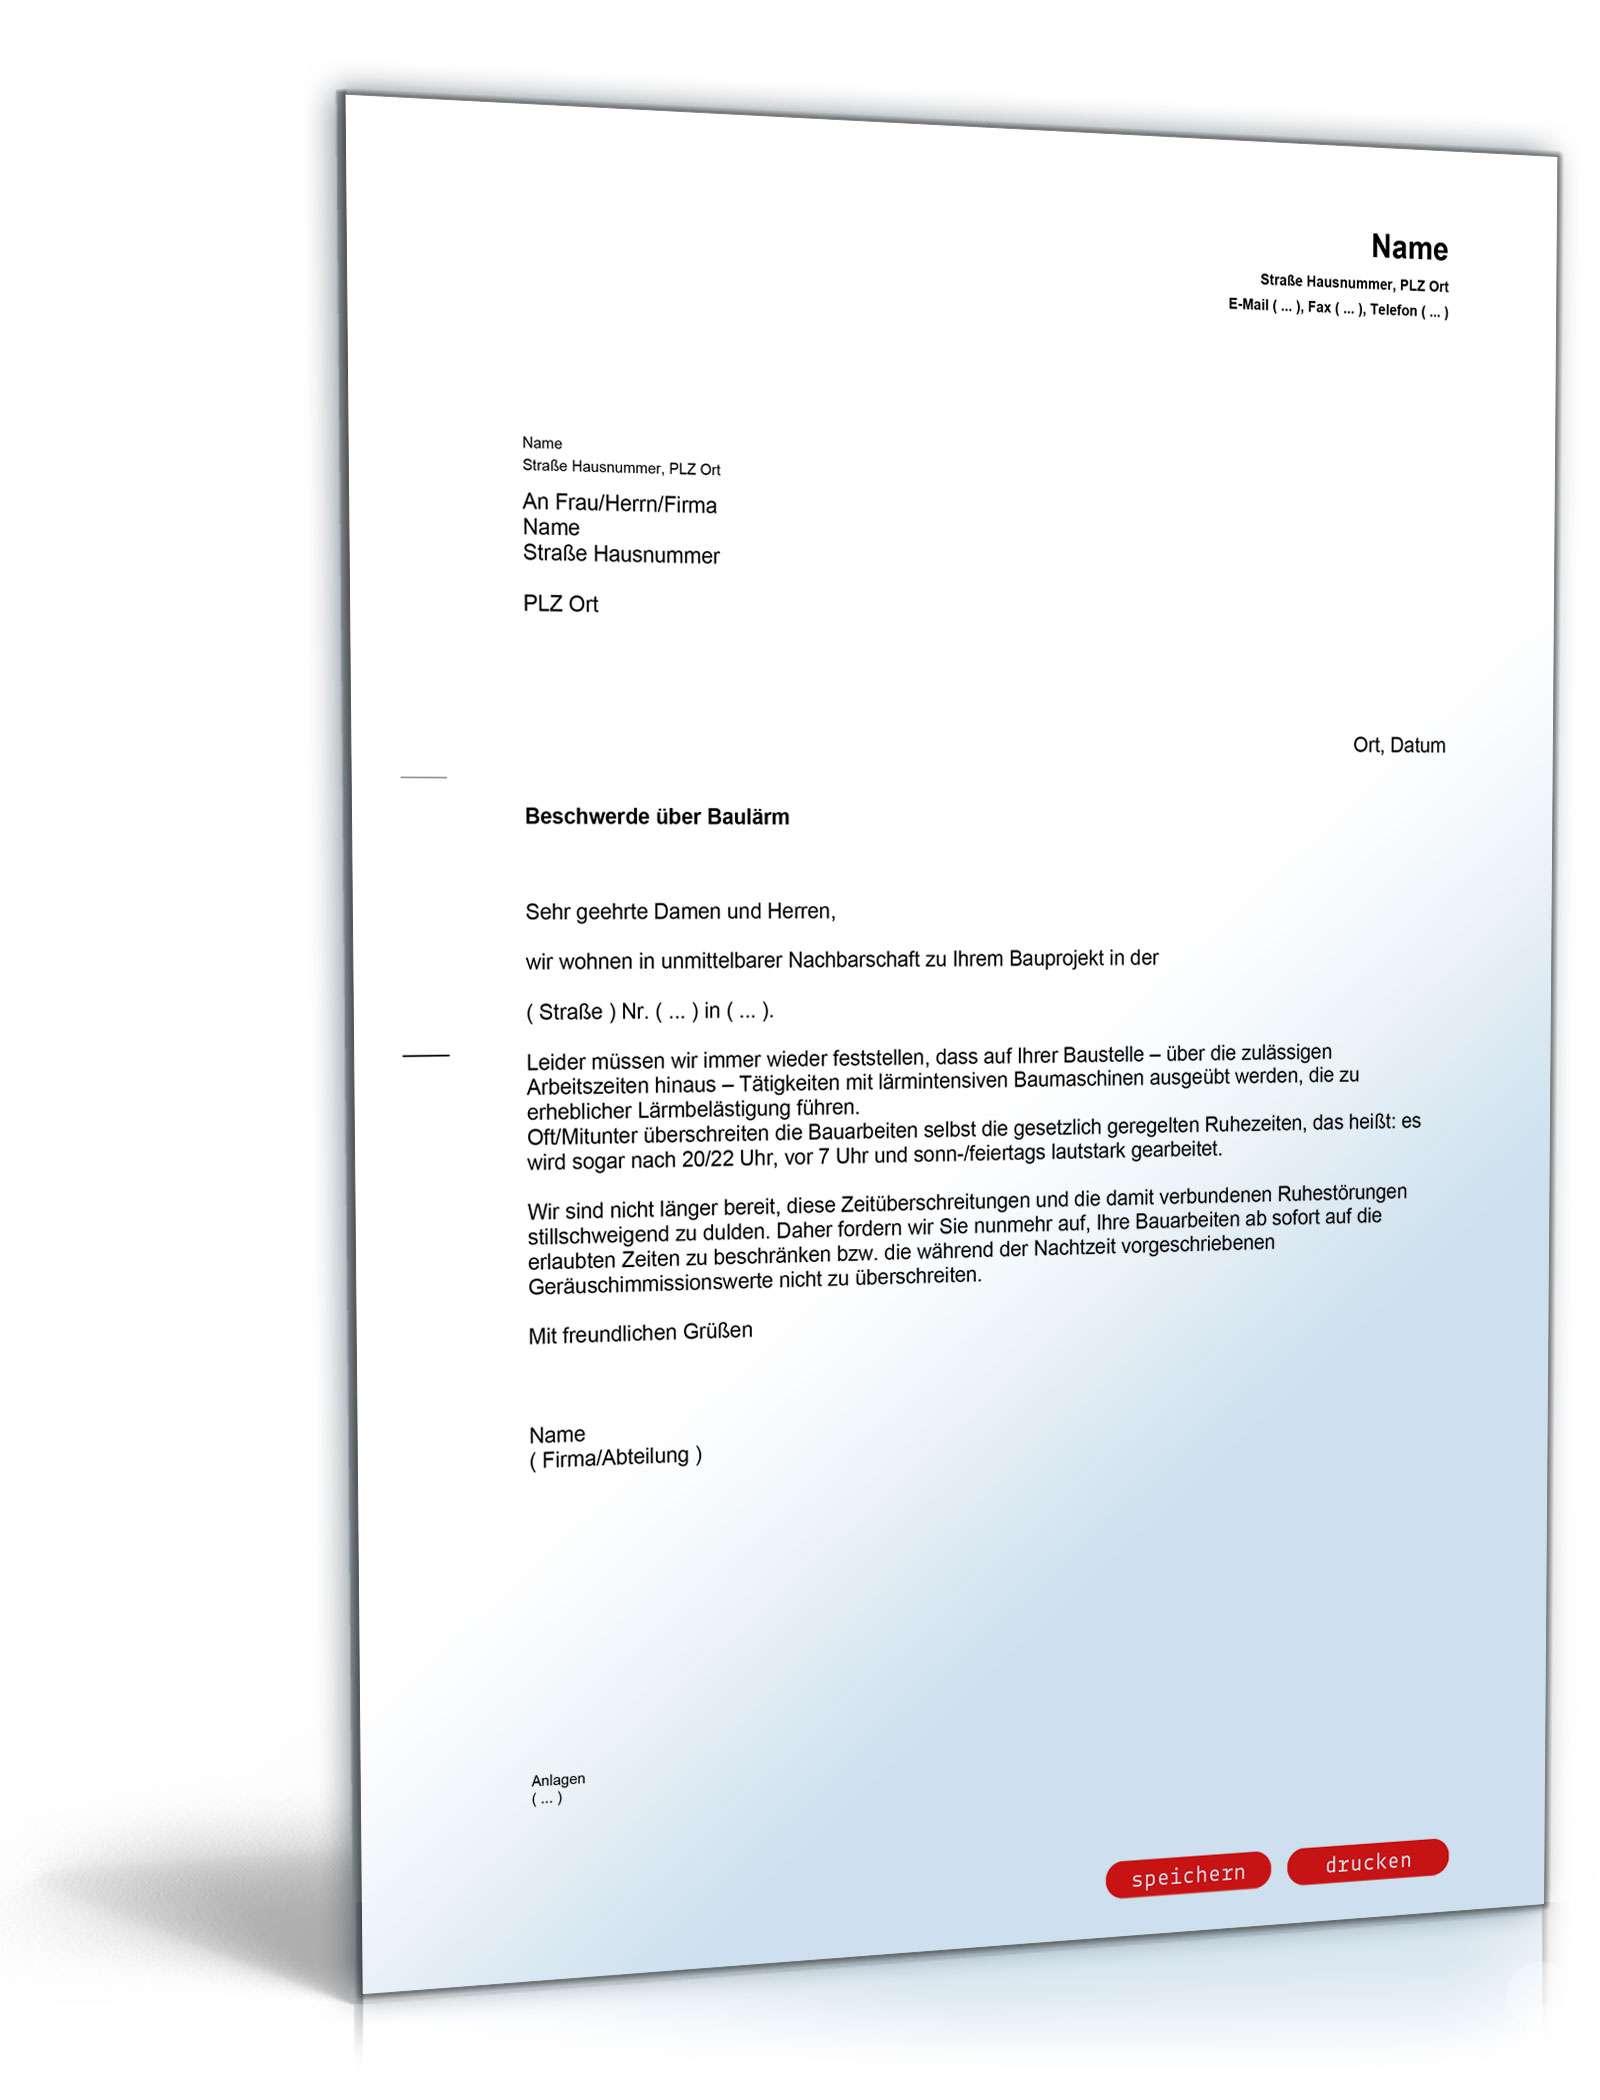 Beschwerde über Baulärm (an Bauherren) | Muster zum Download